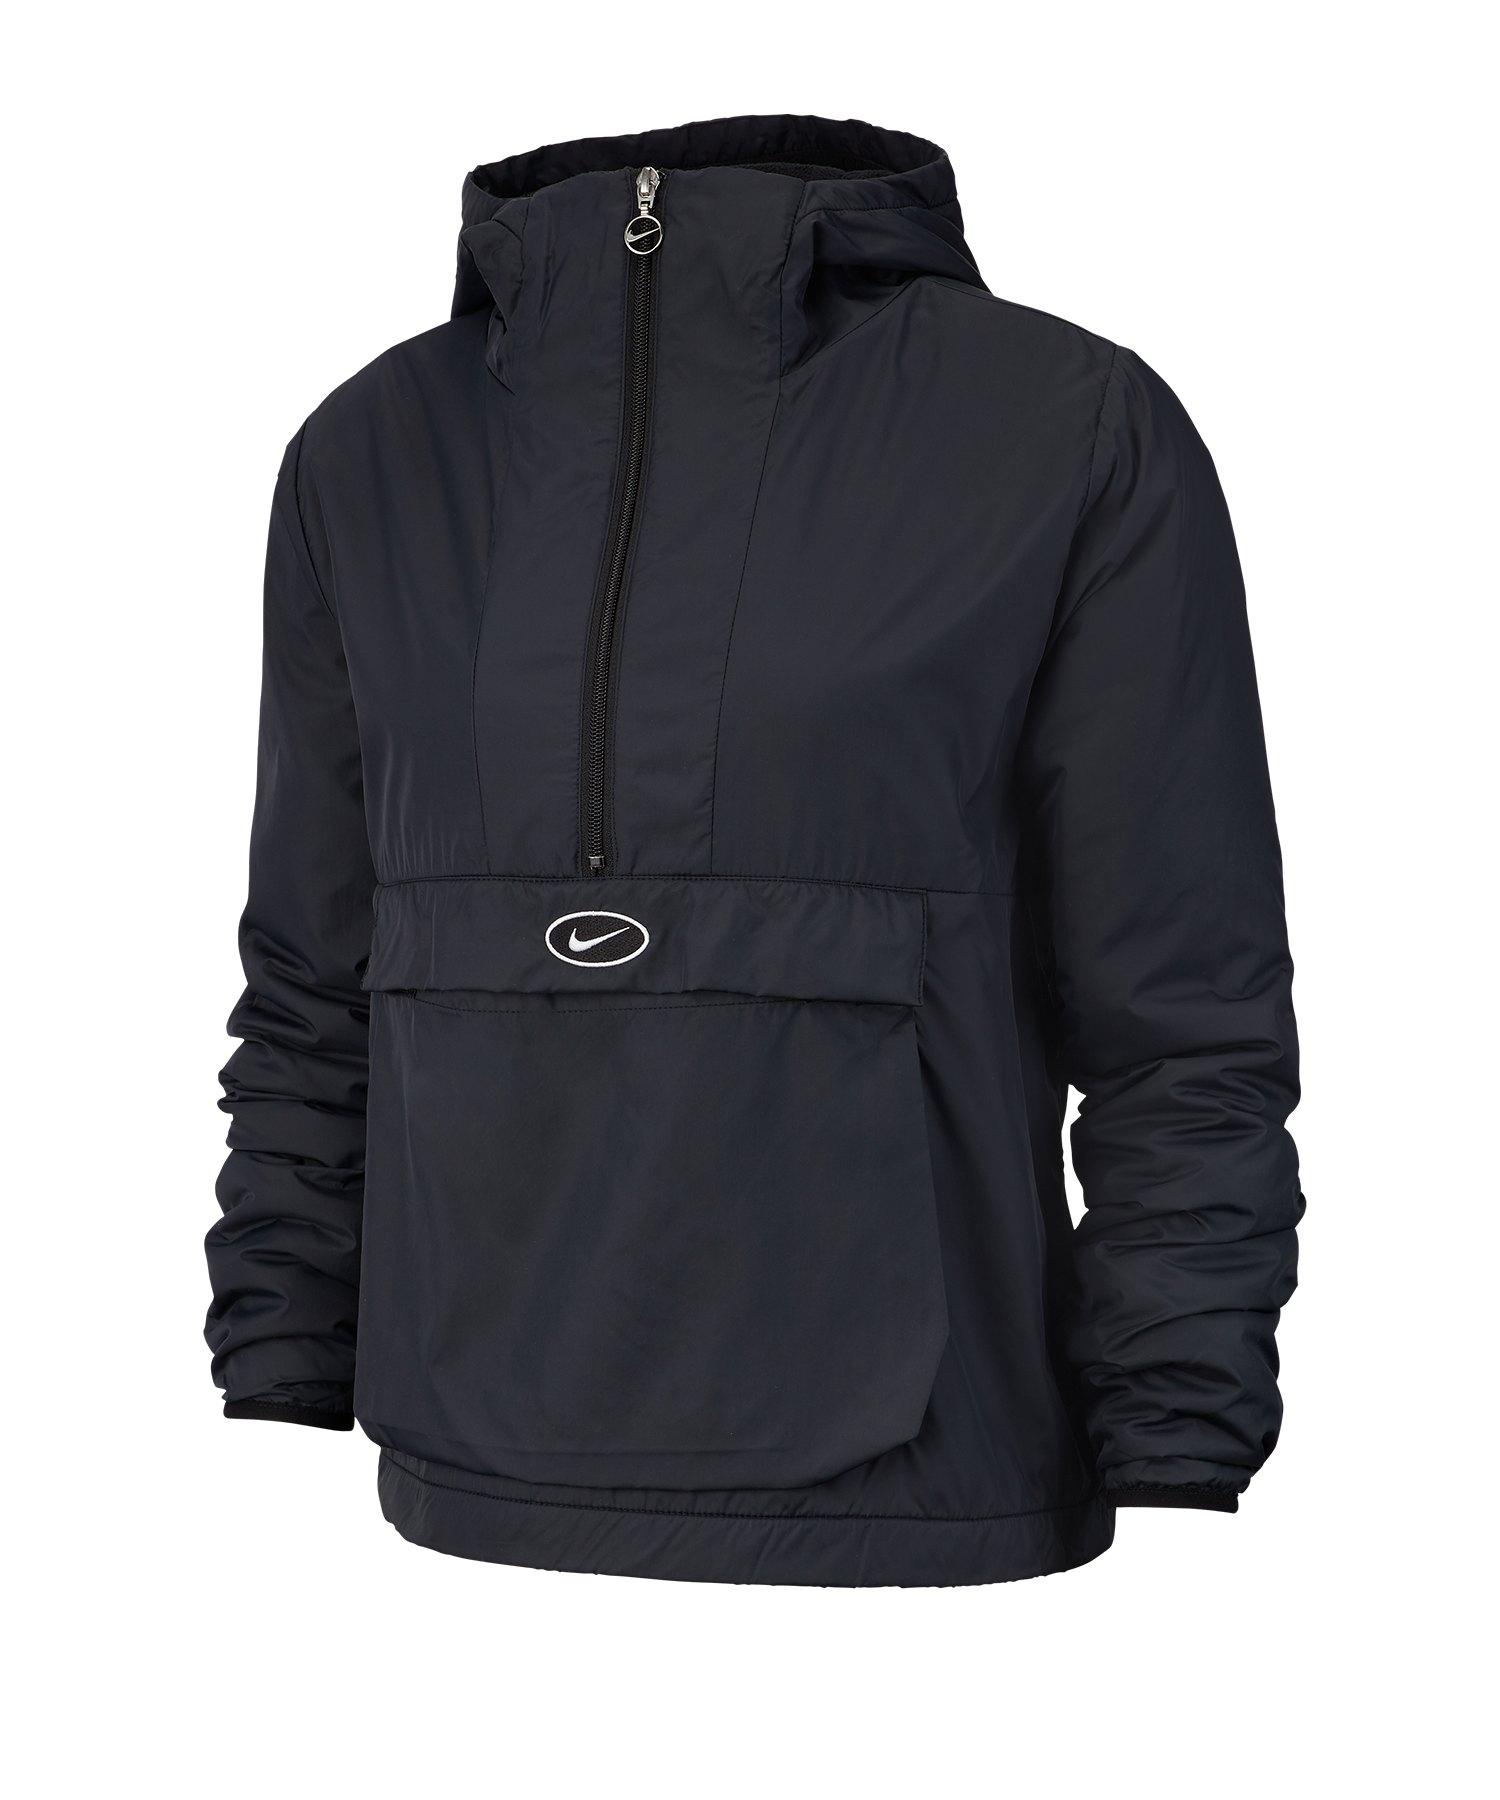 Nike Swoosh Jacket Jacke Damen Schwarz Weiss F010 - Schwarz